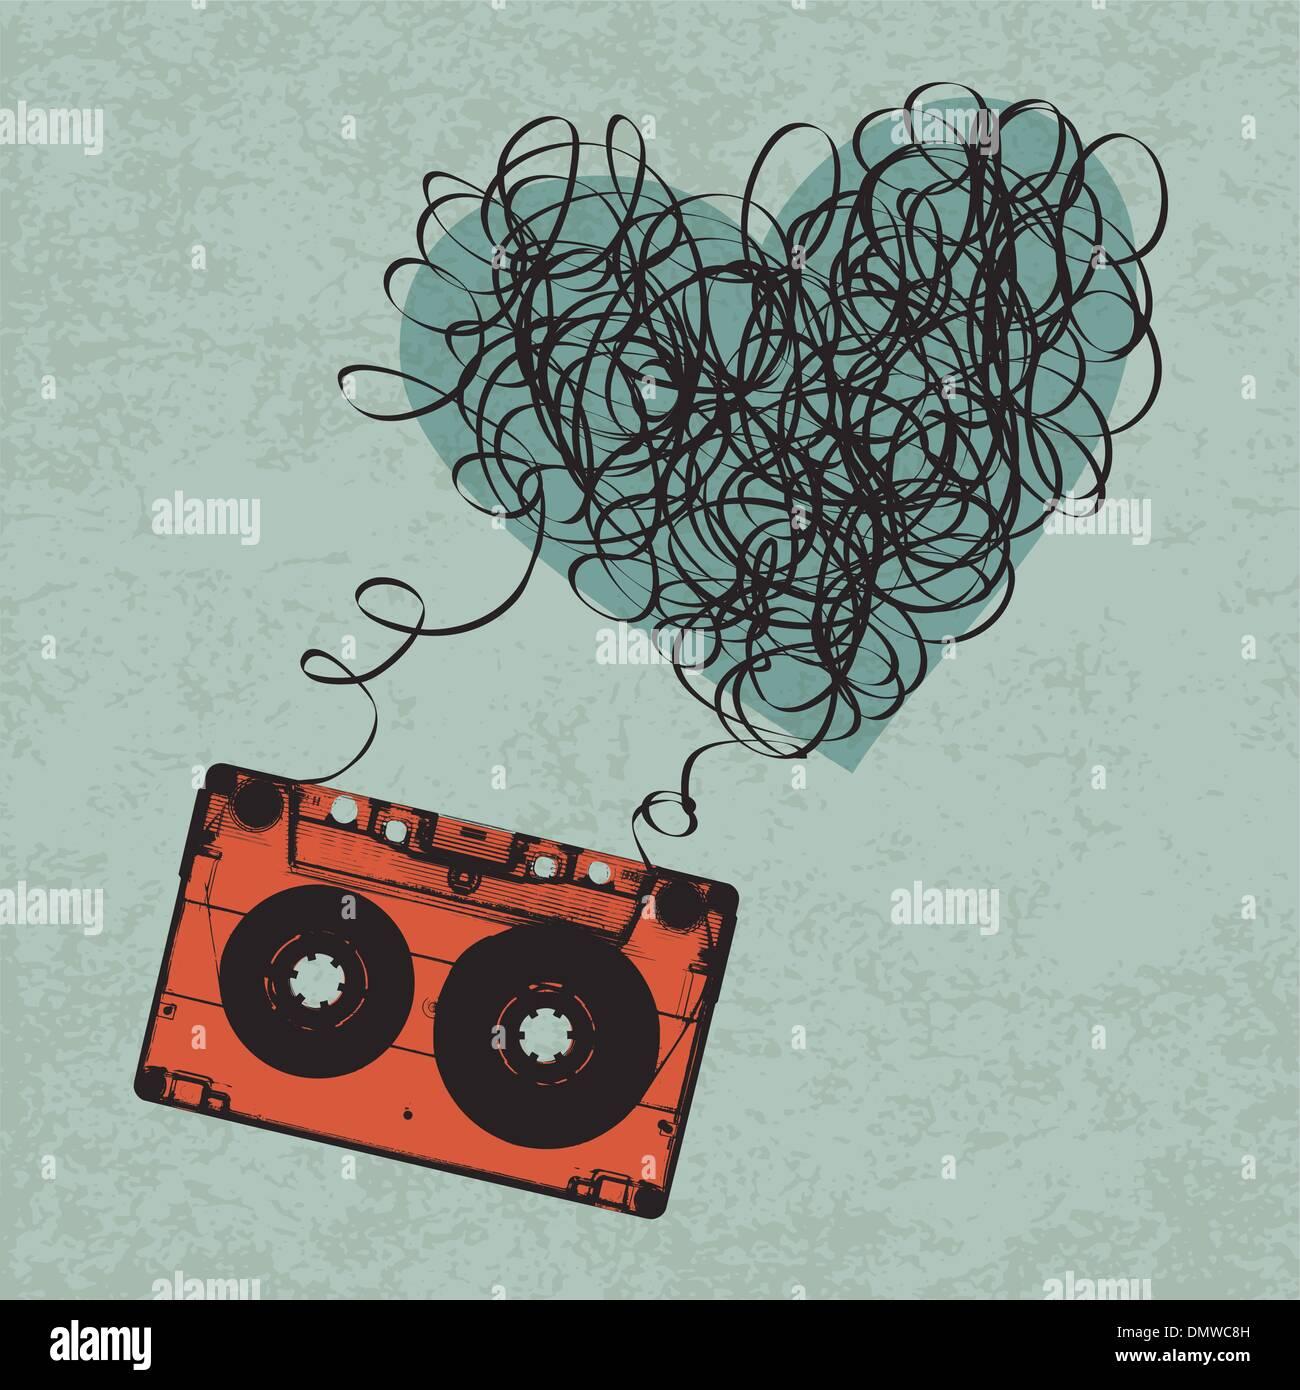 Vintage Audiokassette Illustration mit Herz geformt chaotisch Band. Stockbild